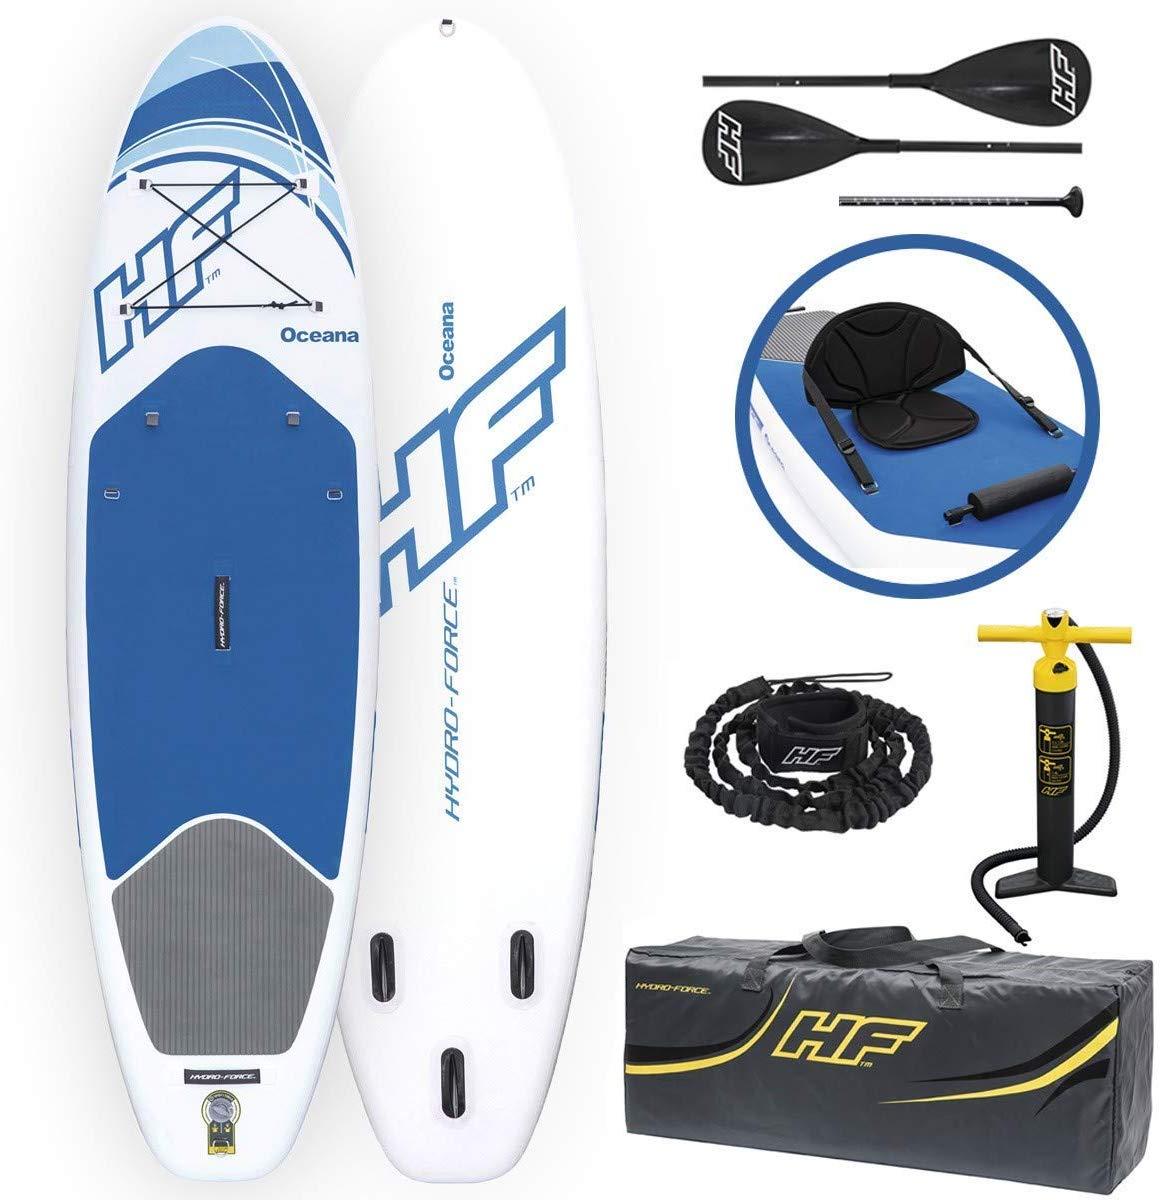 Hydroforce-Oceana-Paddleboard-2